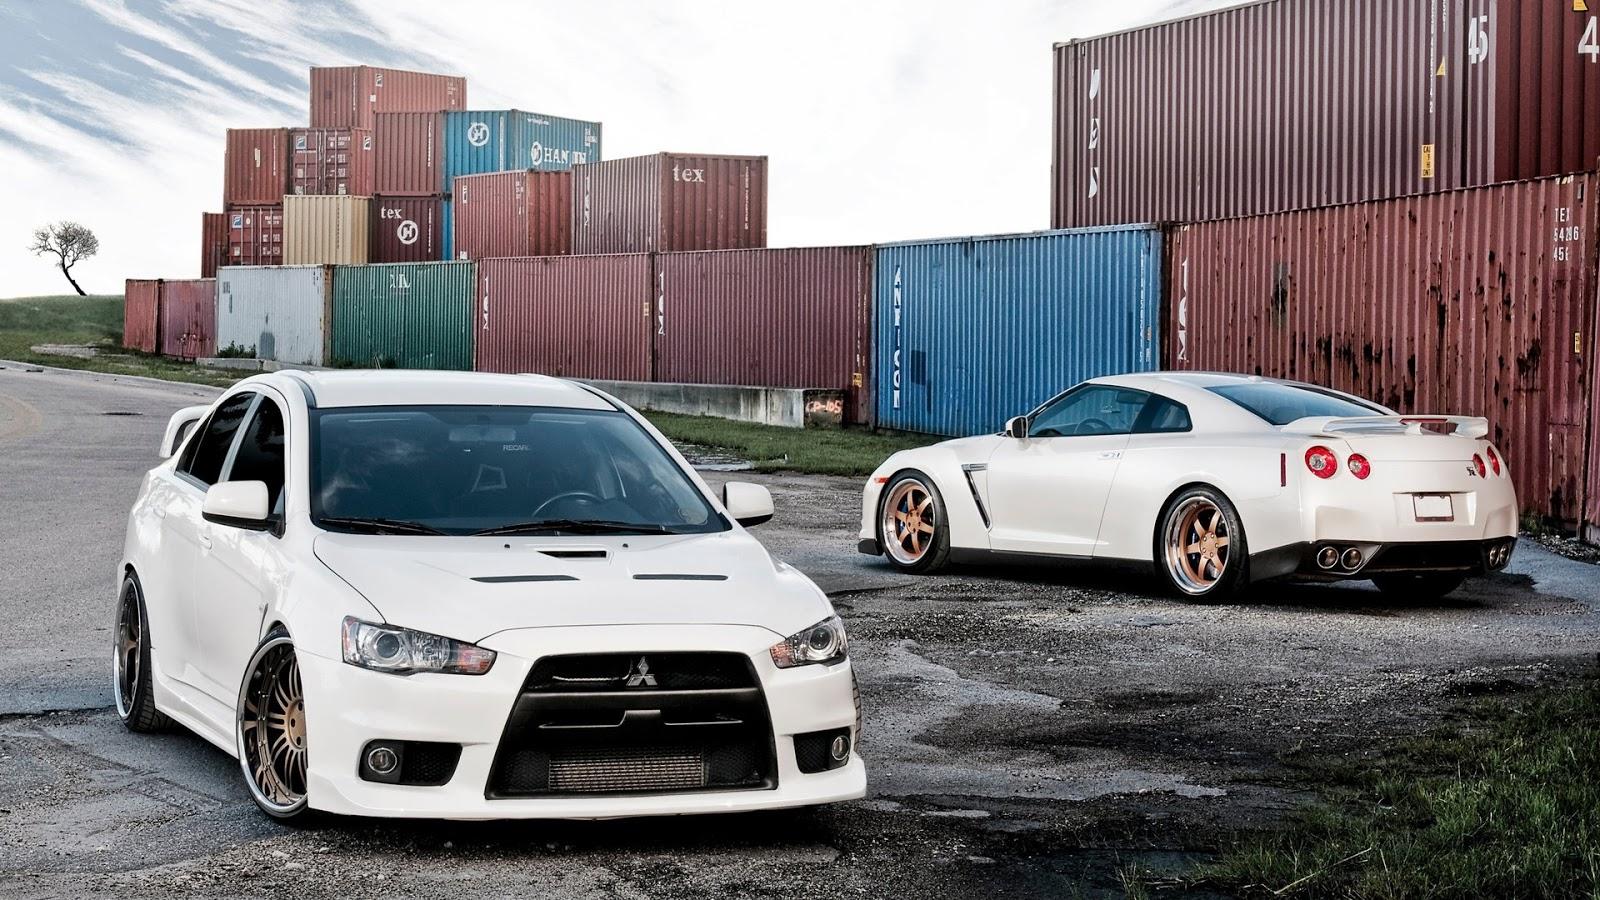 http://2.bp.blogspot.com/-rKm1Tp8xXTY/UJgHatY6PJI/AAAAAAAACwI/3r1RvjmjdFo/s1600/2012-11-05-Mitsubishi-Lancer-Evolution-X-12-%2528carwalls.blogspot.com%2529.jpg